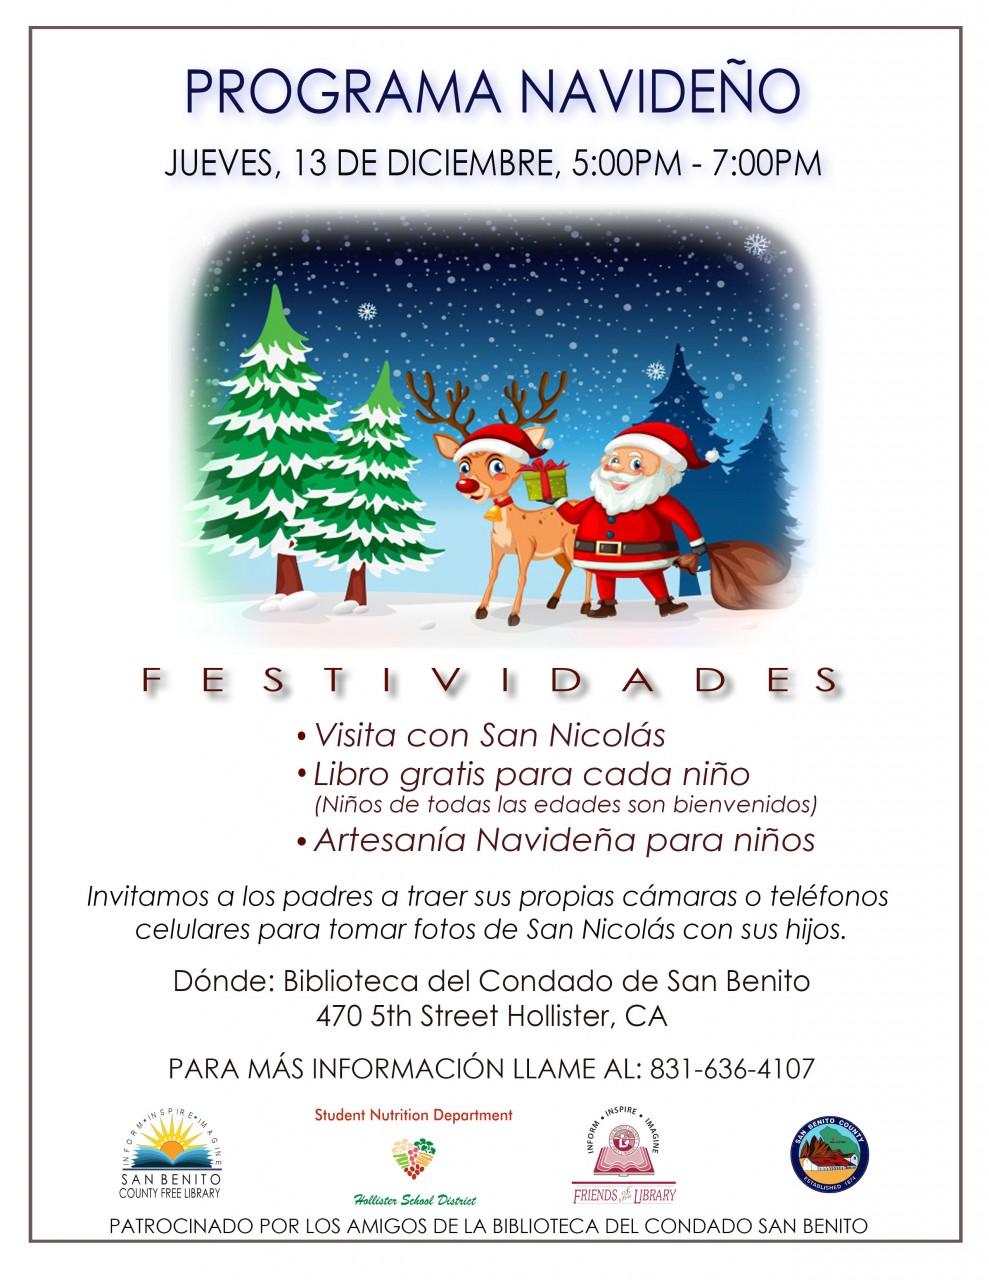 2018 Holiday Program Flyer Spanish.jpg